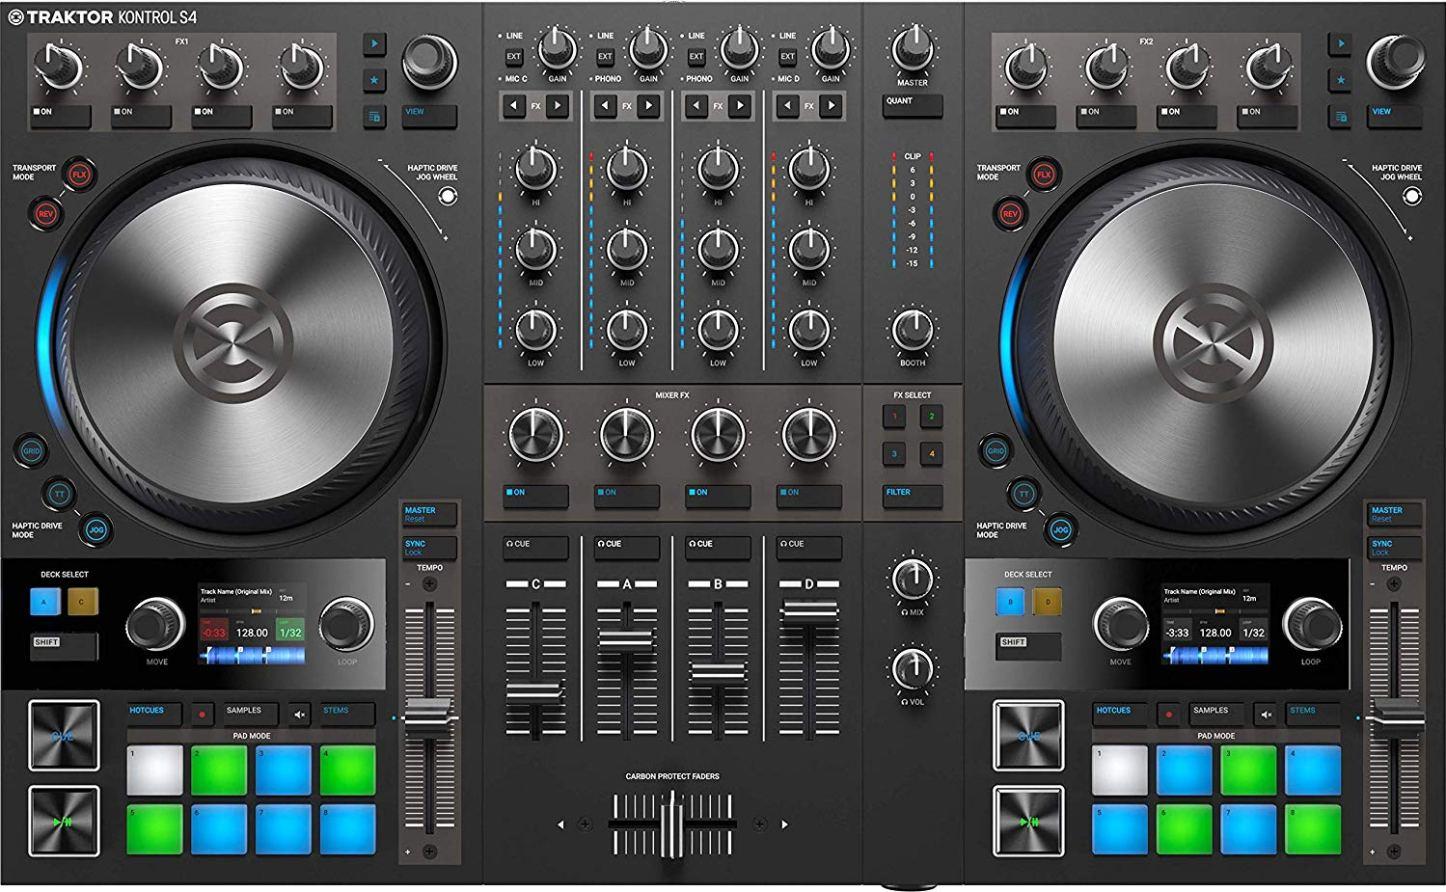 The Best DJ controller for Traktor Pro - Global Djs Guide